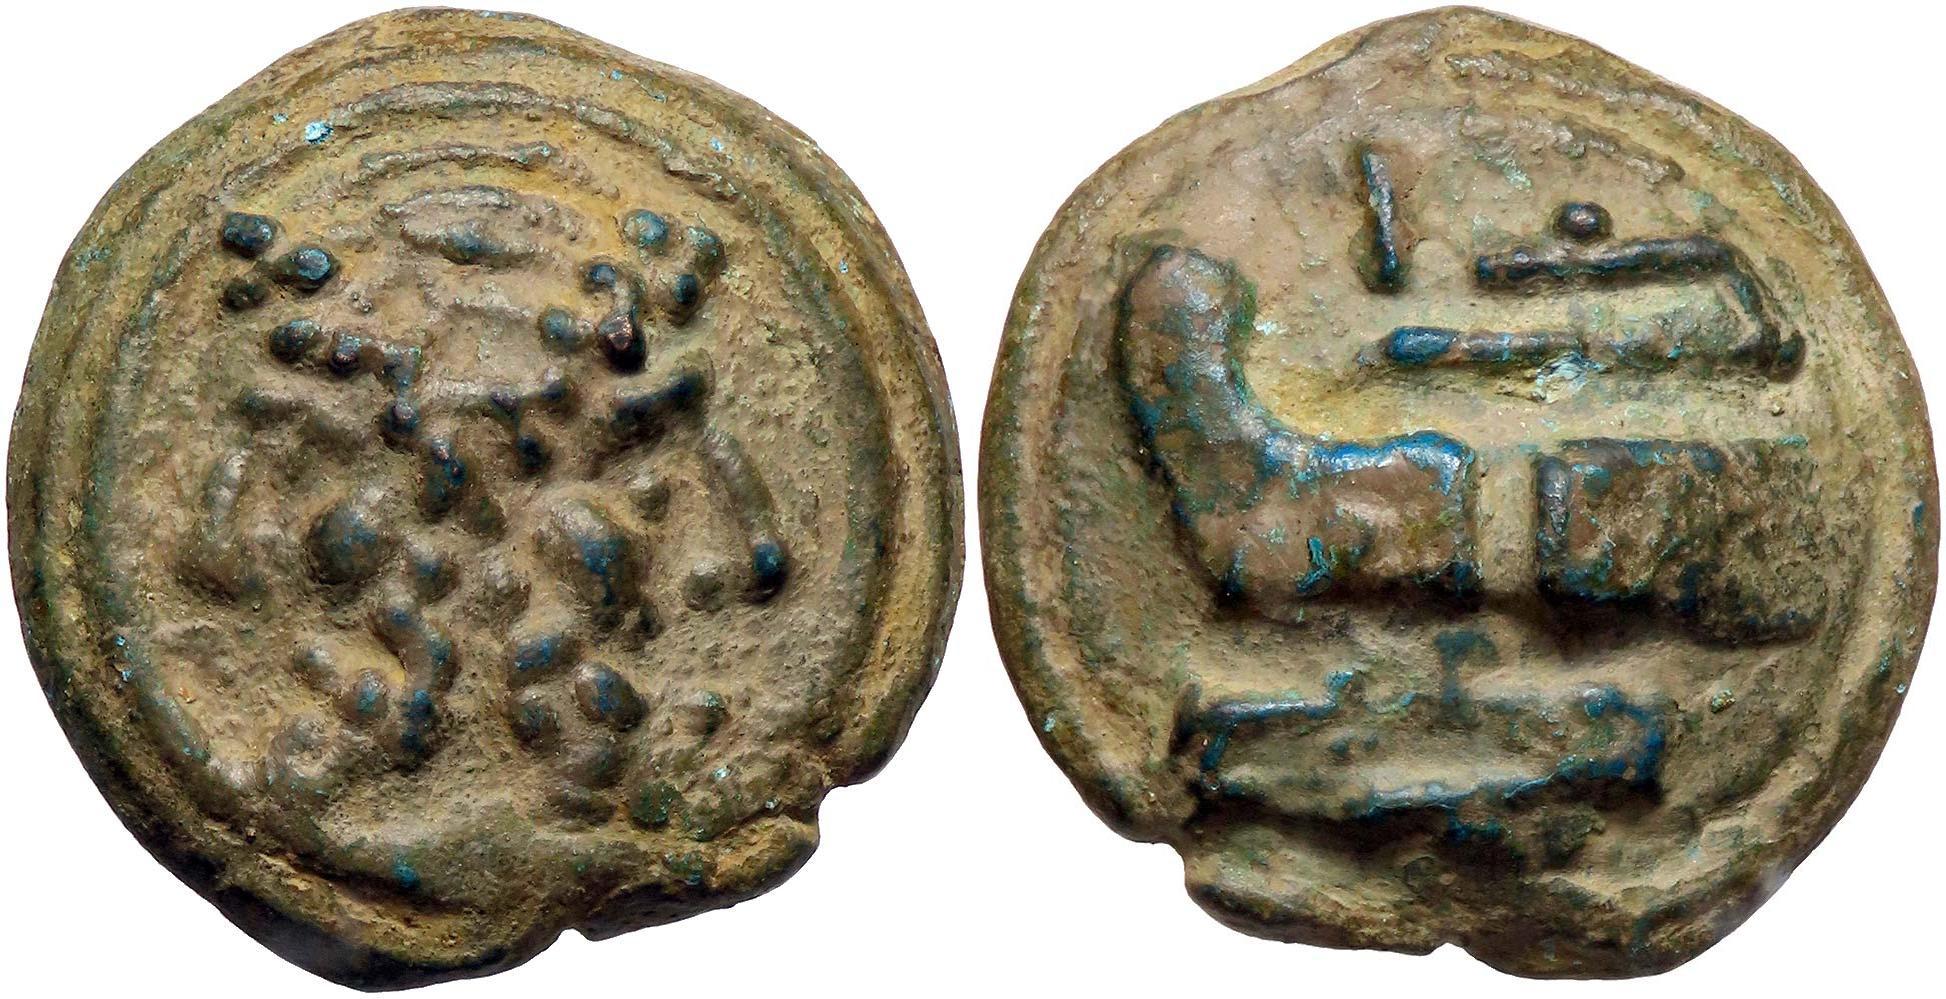 """Un magnifico esemplare di """"aes grave"""" fuso a Roma (289-225 aC); al dritto la resta di Giano bifronte e al rovescio la """"prora navis"""" rivolta a sinistra, con segno di valore I (Ae, g 79,15)"""